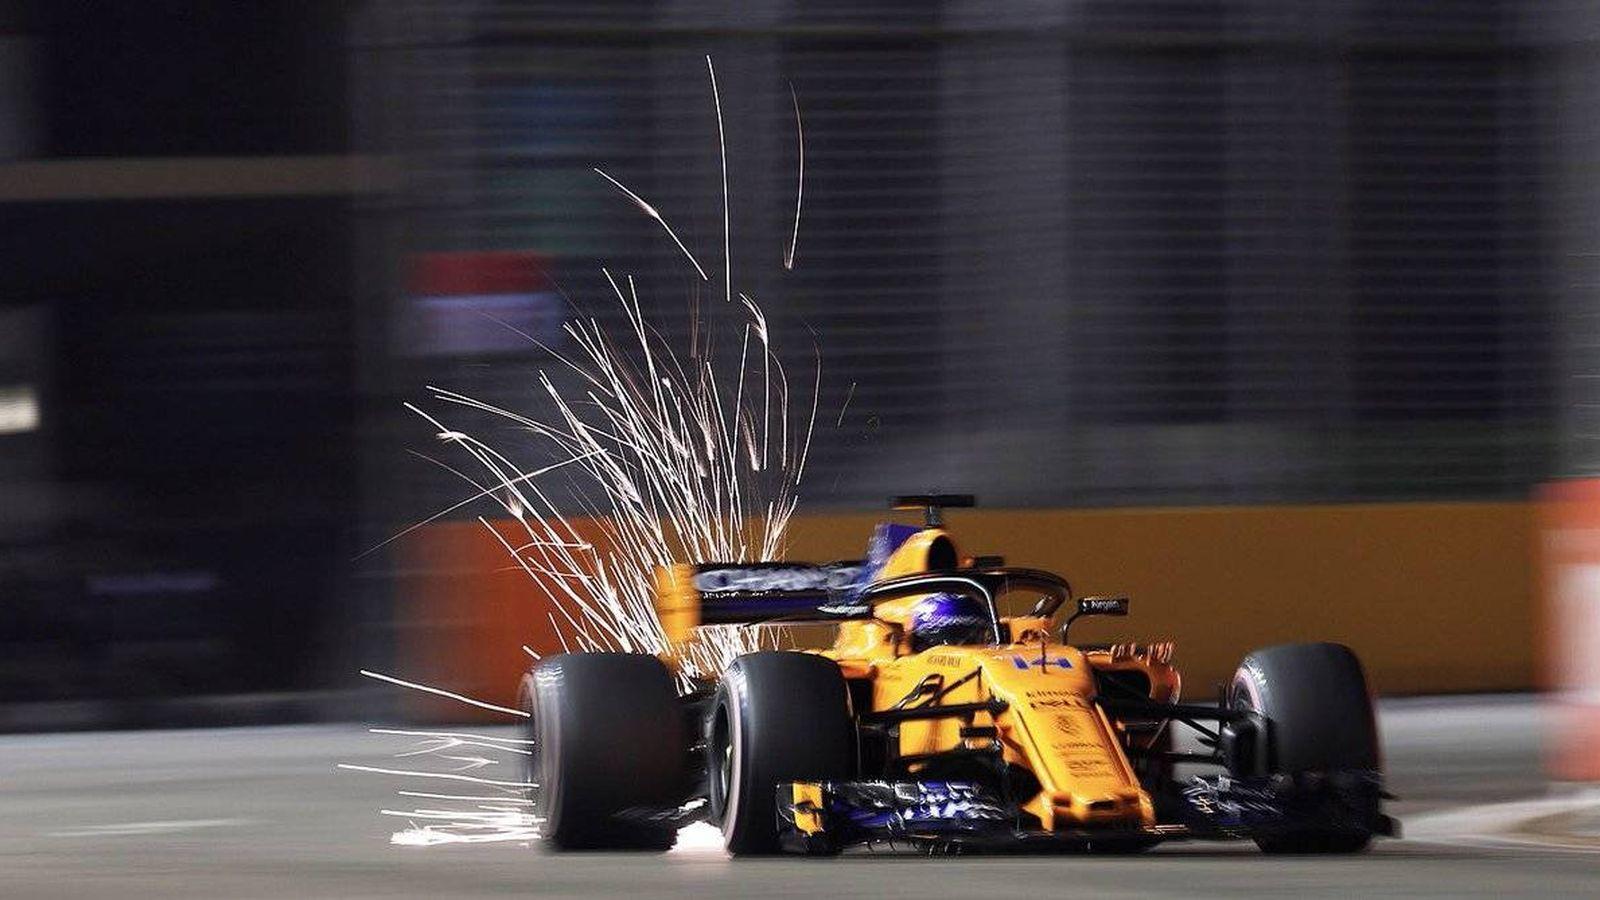 Foto: Fernando Alonso saldrá desde la undécima posición en el GP de Singapur. (Foto: McLaren)